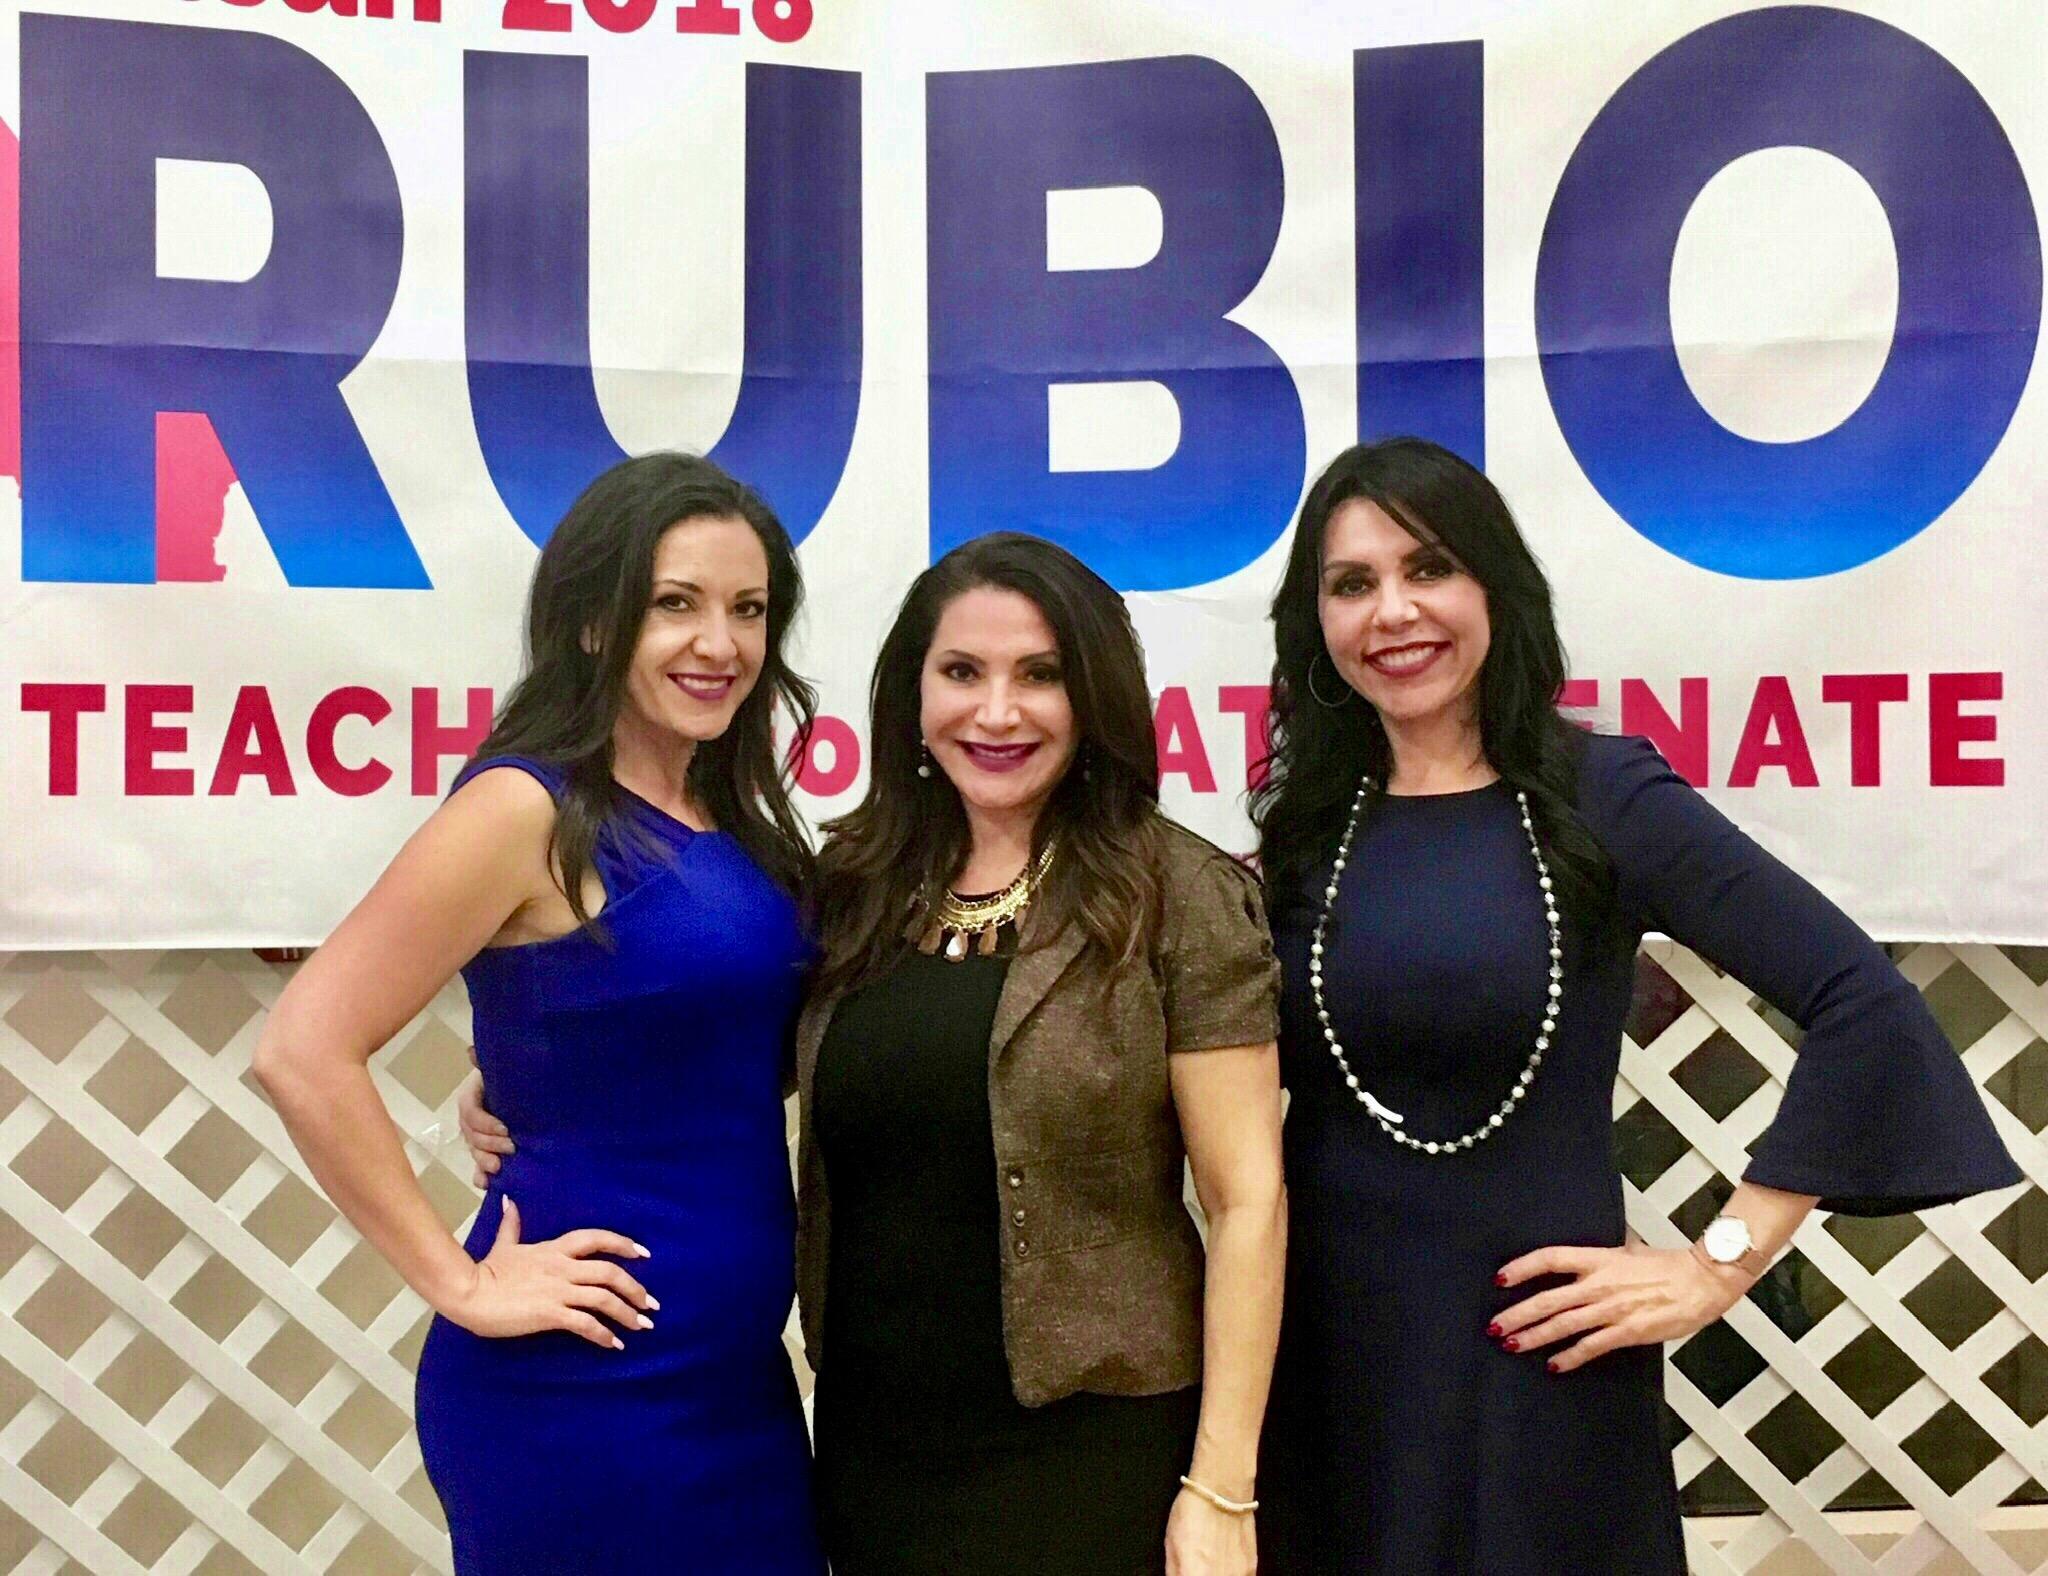 Sylvia Rubio posa con sus hermanas, la asambleísta Blanca Rubio y la senadora electa, Susan Rubio. (foto suministrada).